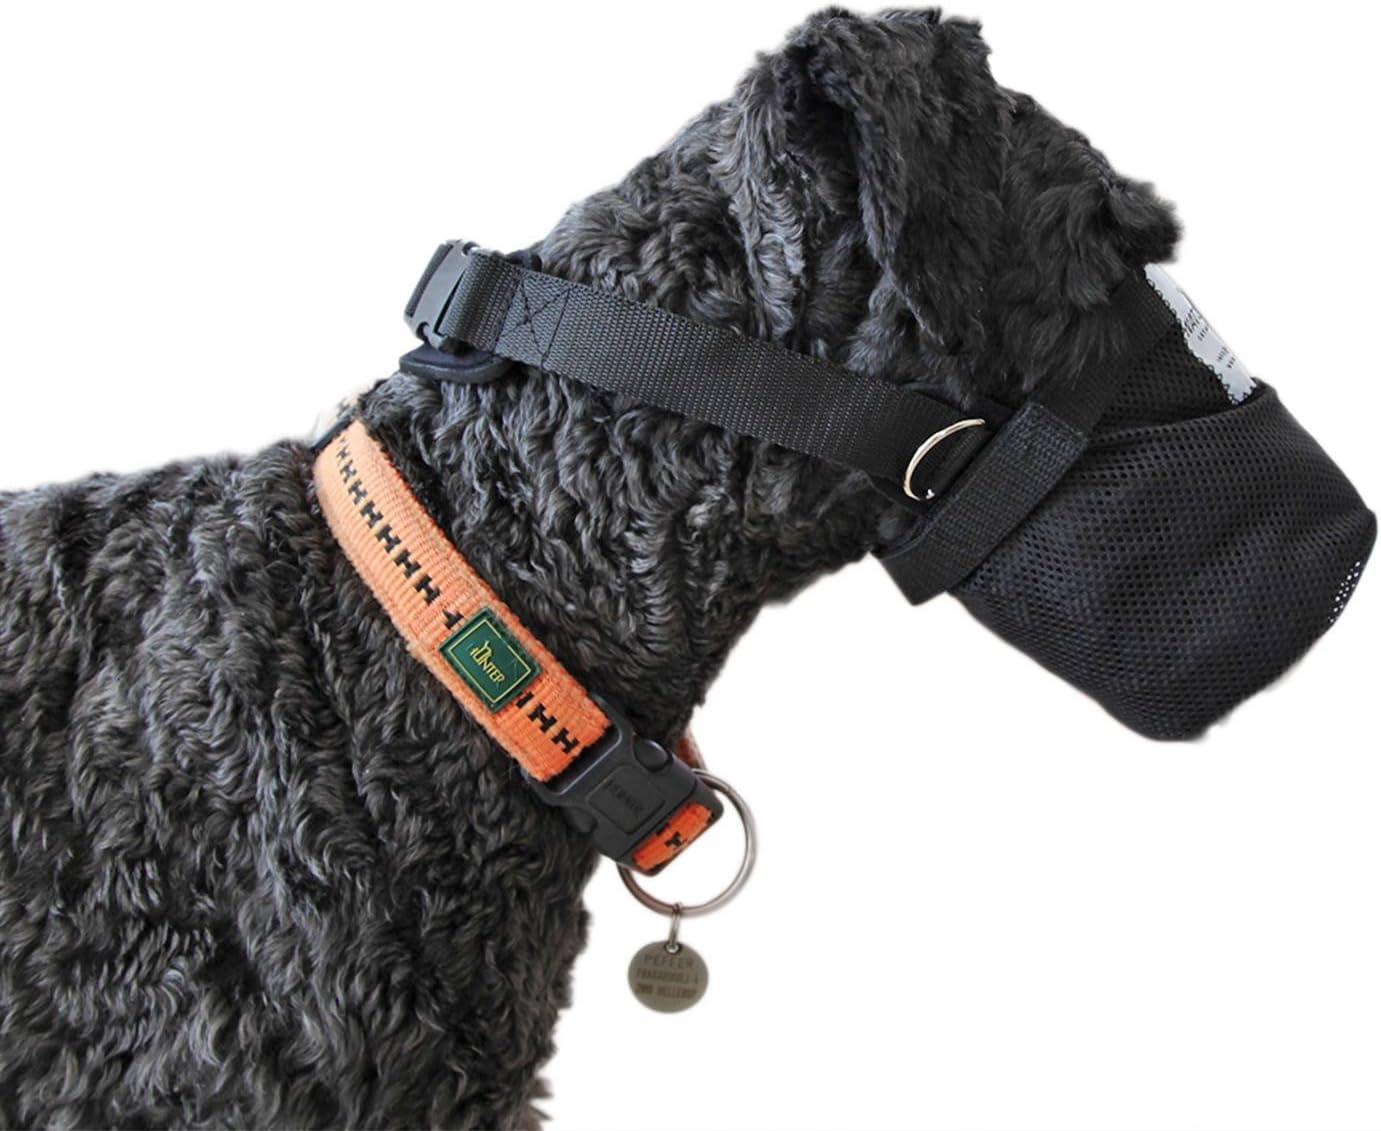 Nature Pet Gift Cebo Red Protectora/Maul Cesta/Red de Seguridad para Perros de Neopreno (XS)